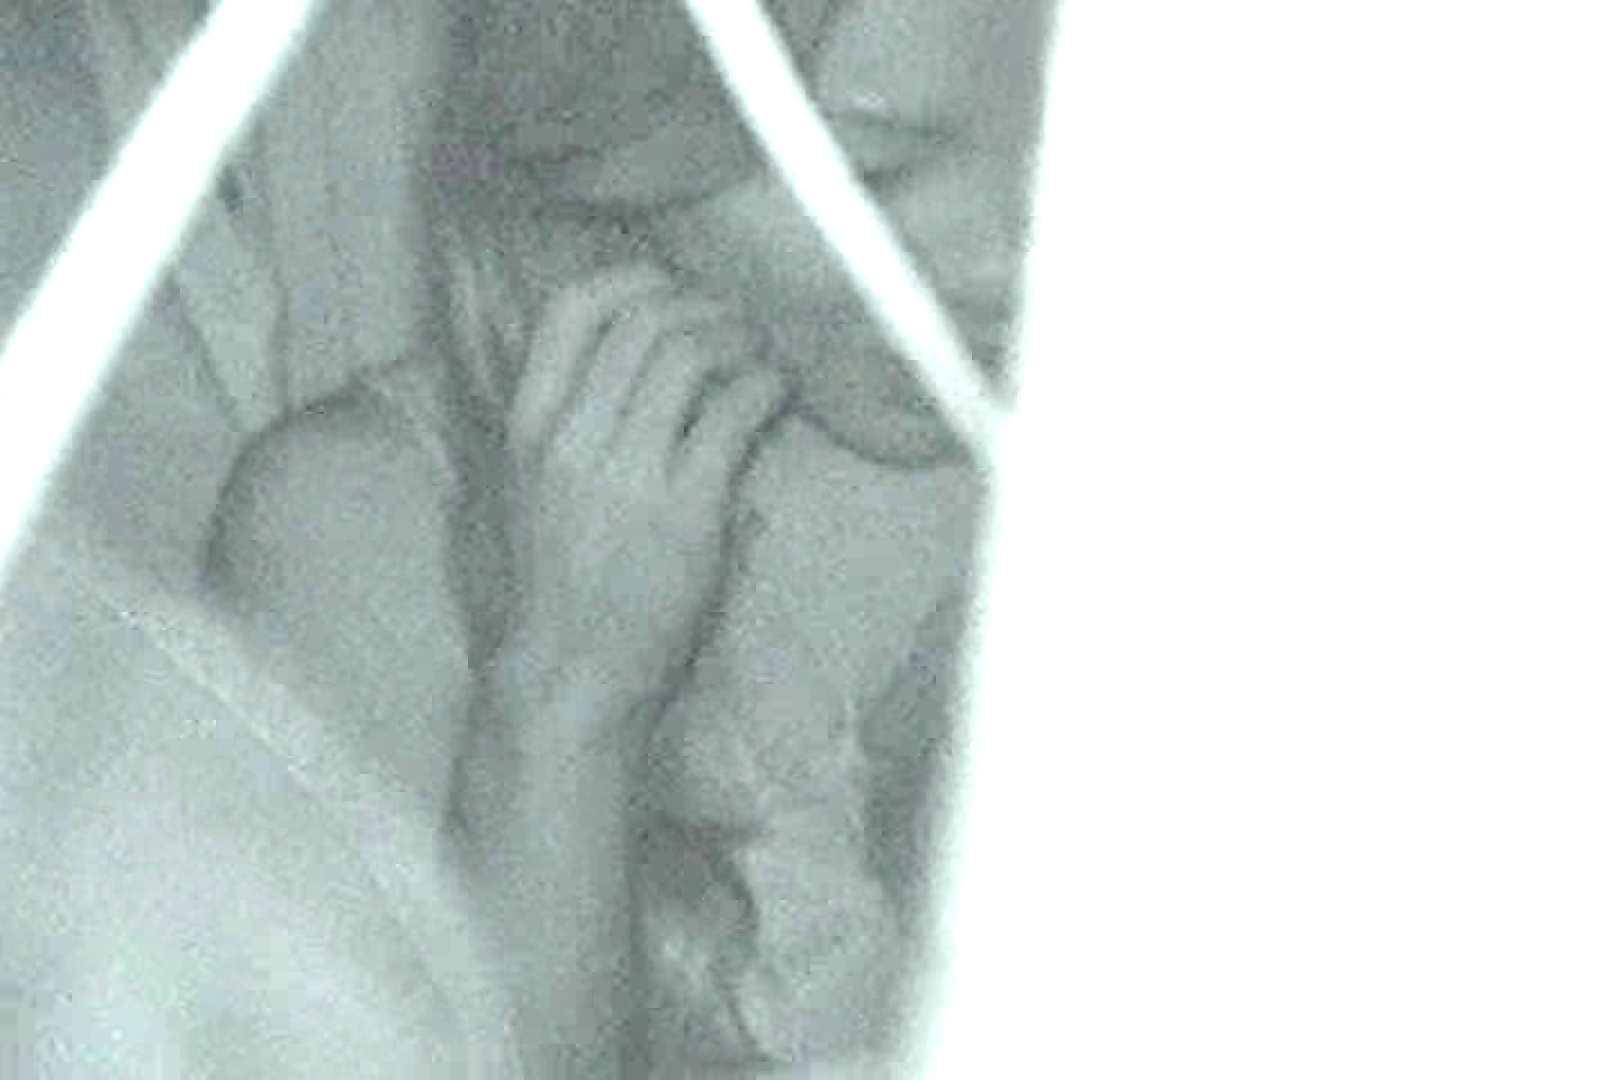 充血監督の深夜の運動会Vol.12 OLの実態 隠し撮りAV無料 26pic 17